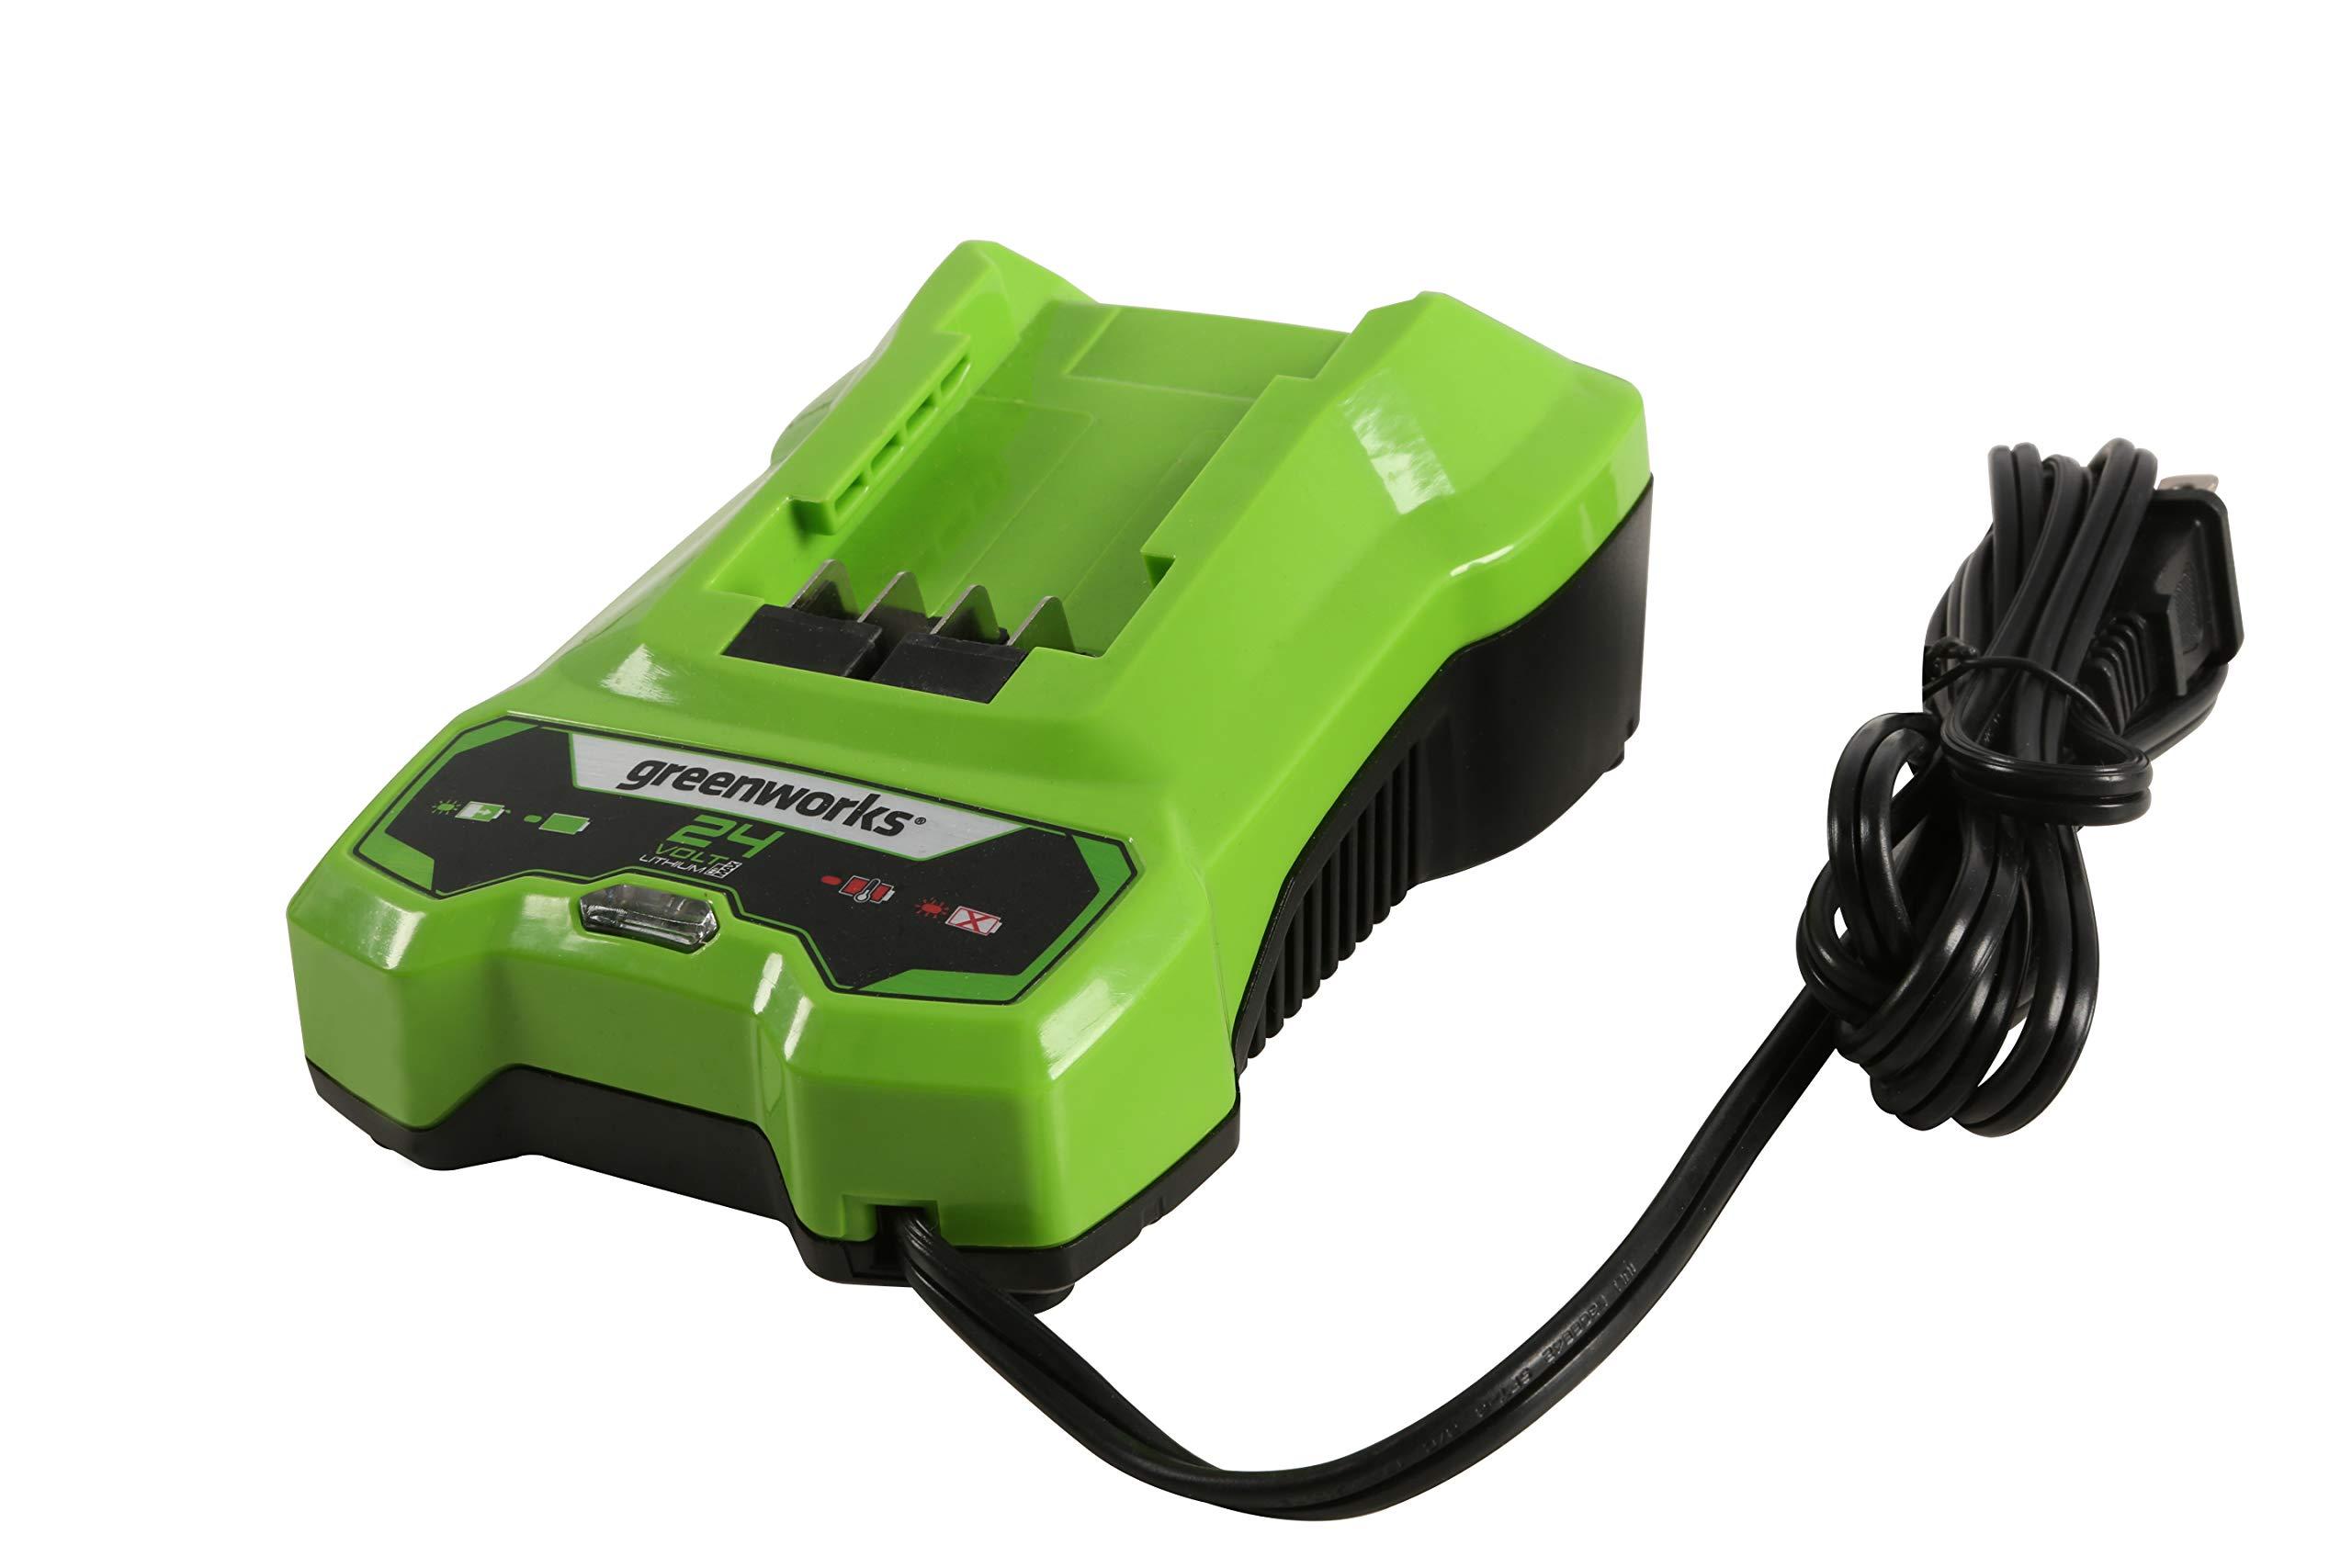 Greenworks 24V Battery Charger, CAF806